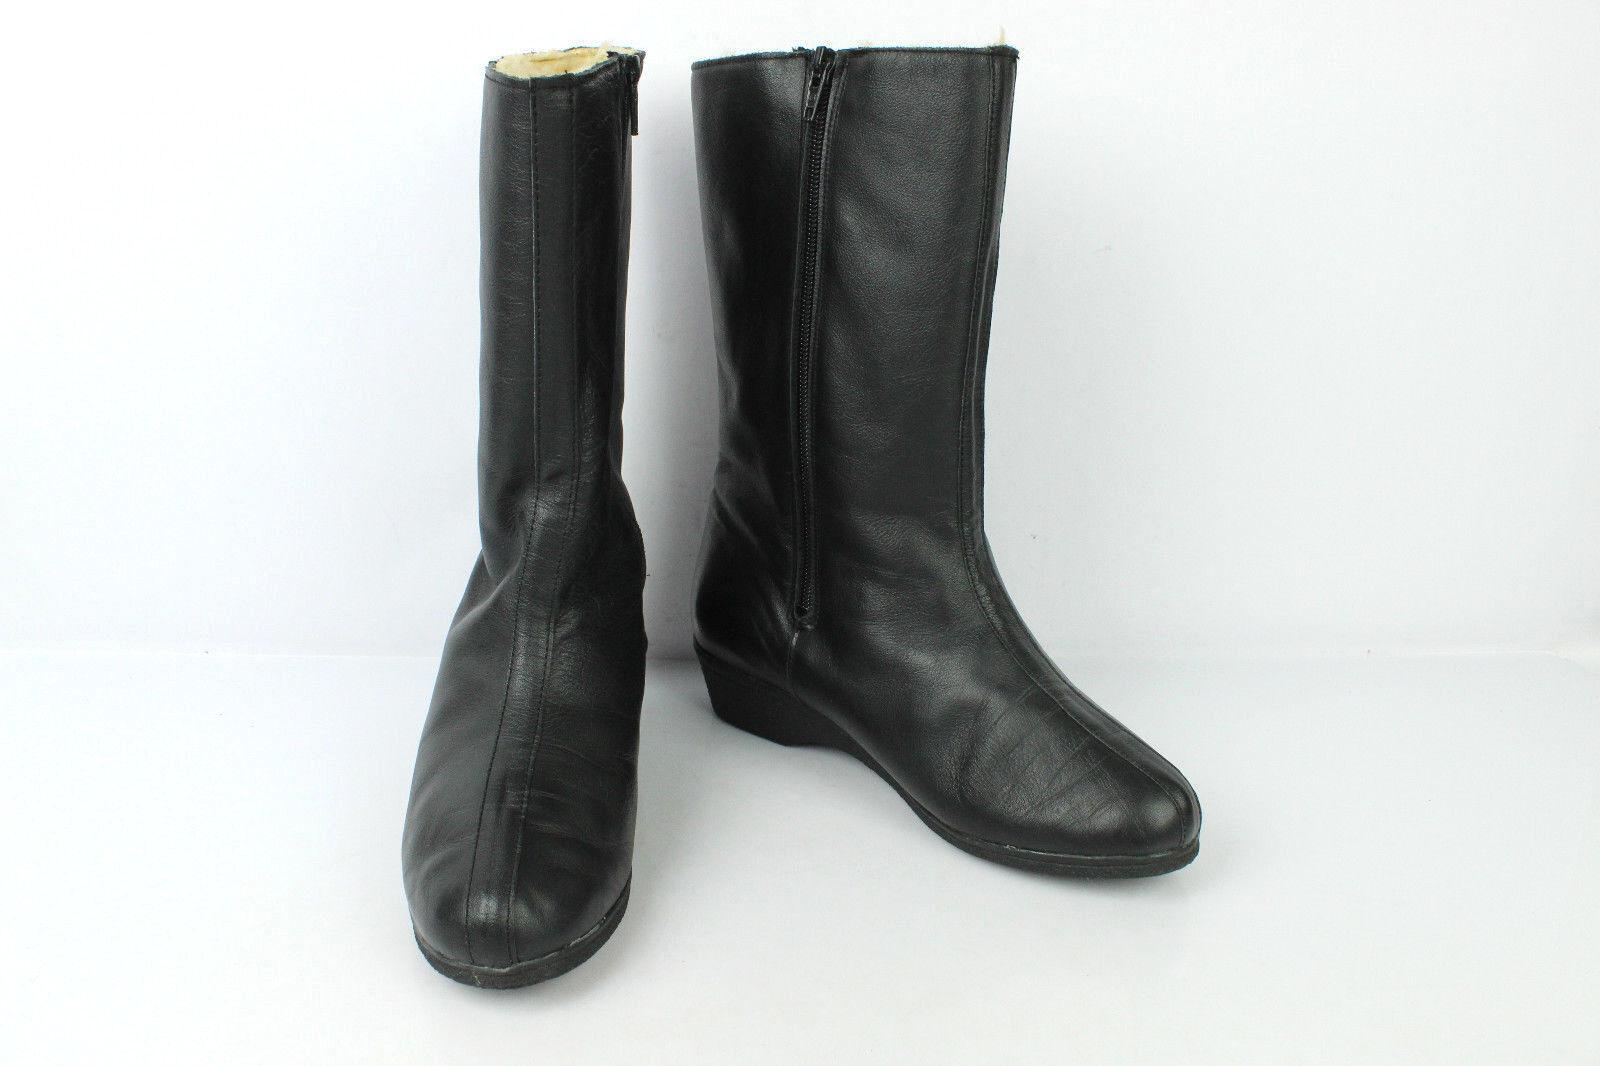 Mi botas forradas Cuero Negro T 38 MUY BUEN ESTADO ESTADO ESTADO  respuestas rápidas